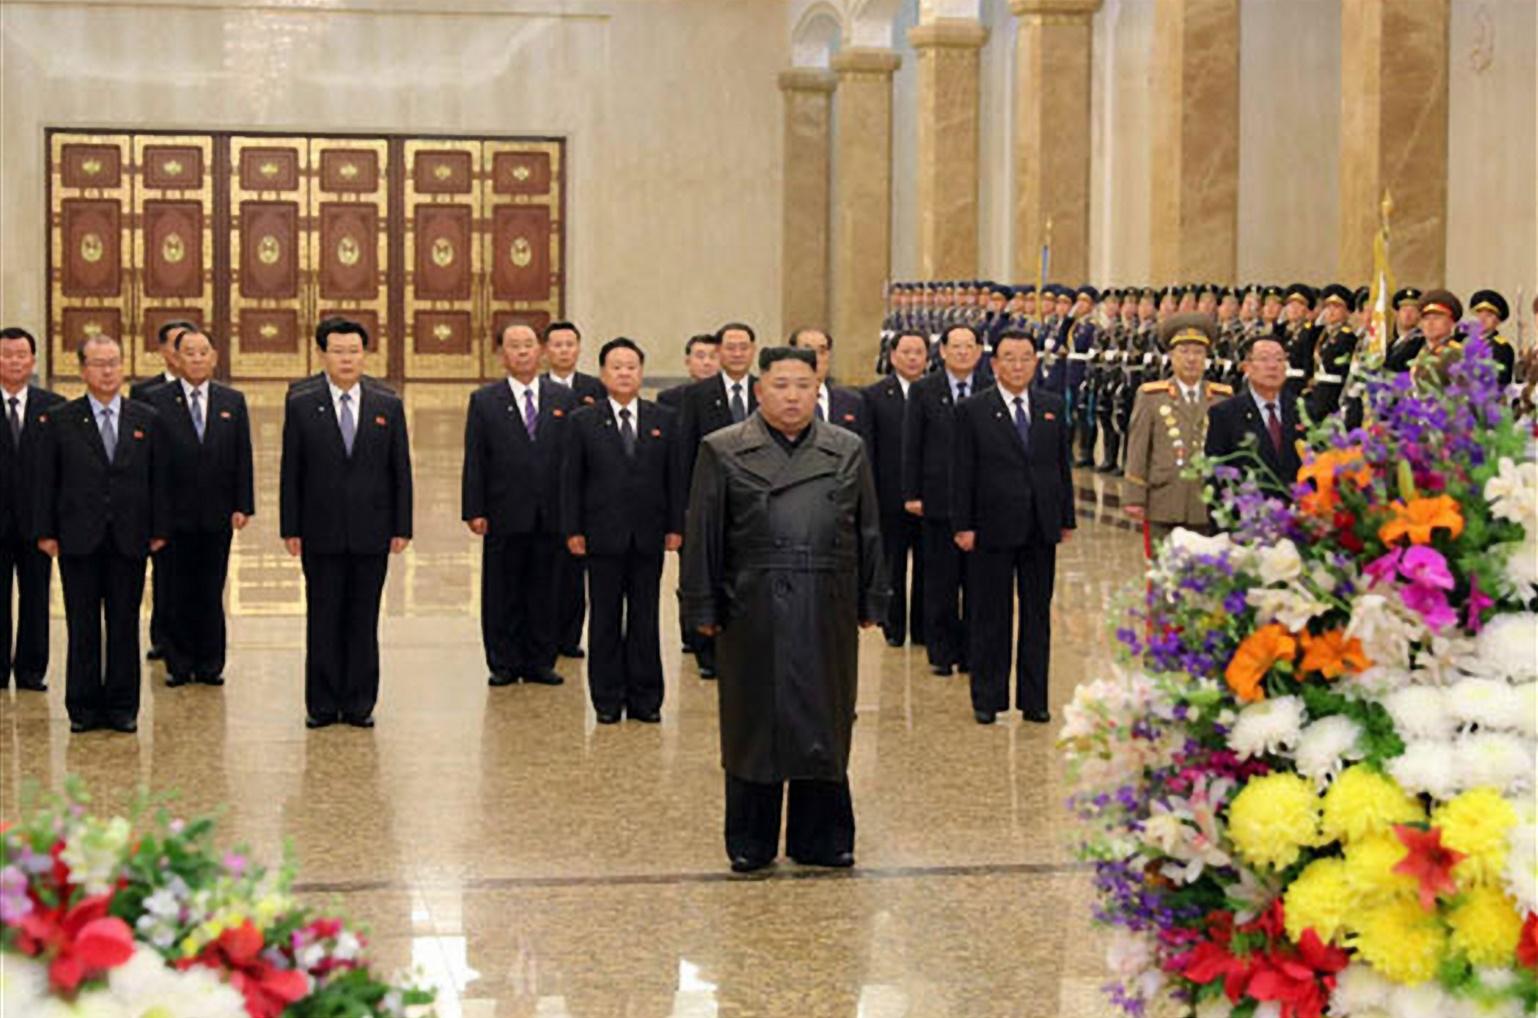 금수산태양궁전 참배하는 김정은 위원장